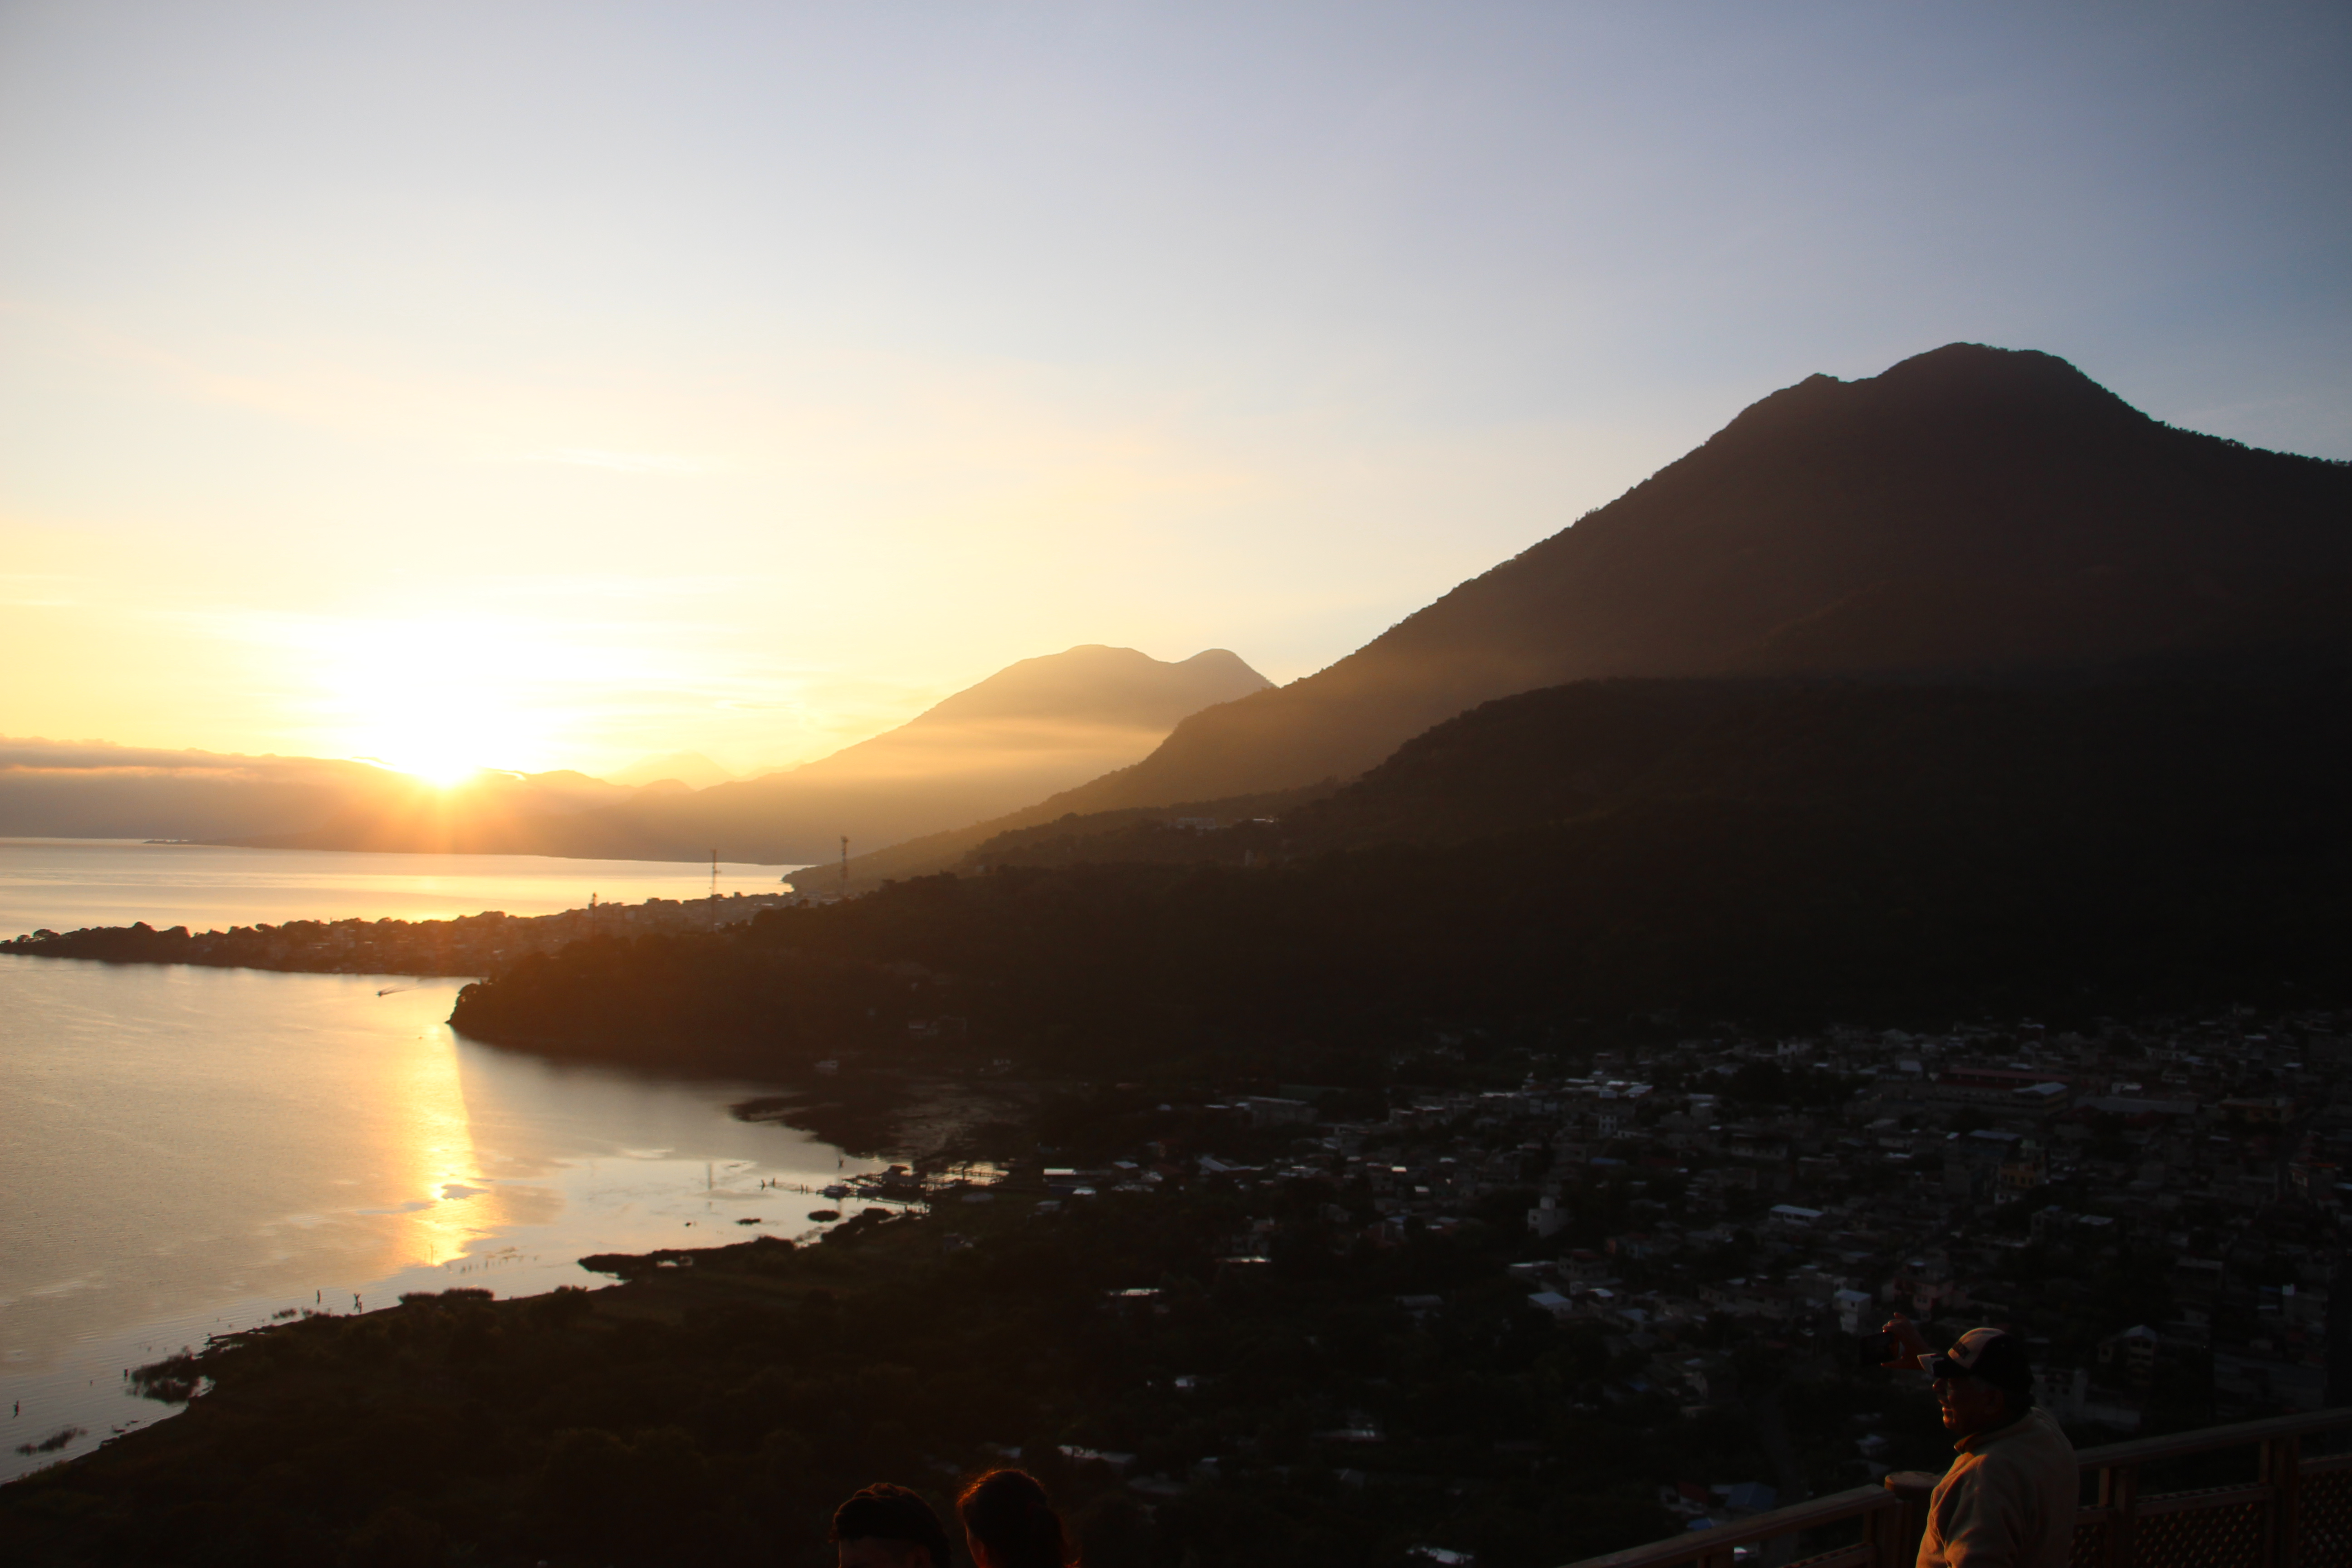 Locales y turistas disfrutan ver el amanecer desde el mirador cerro Kaqasiiwaan.